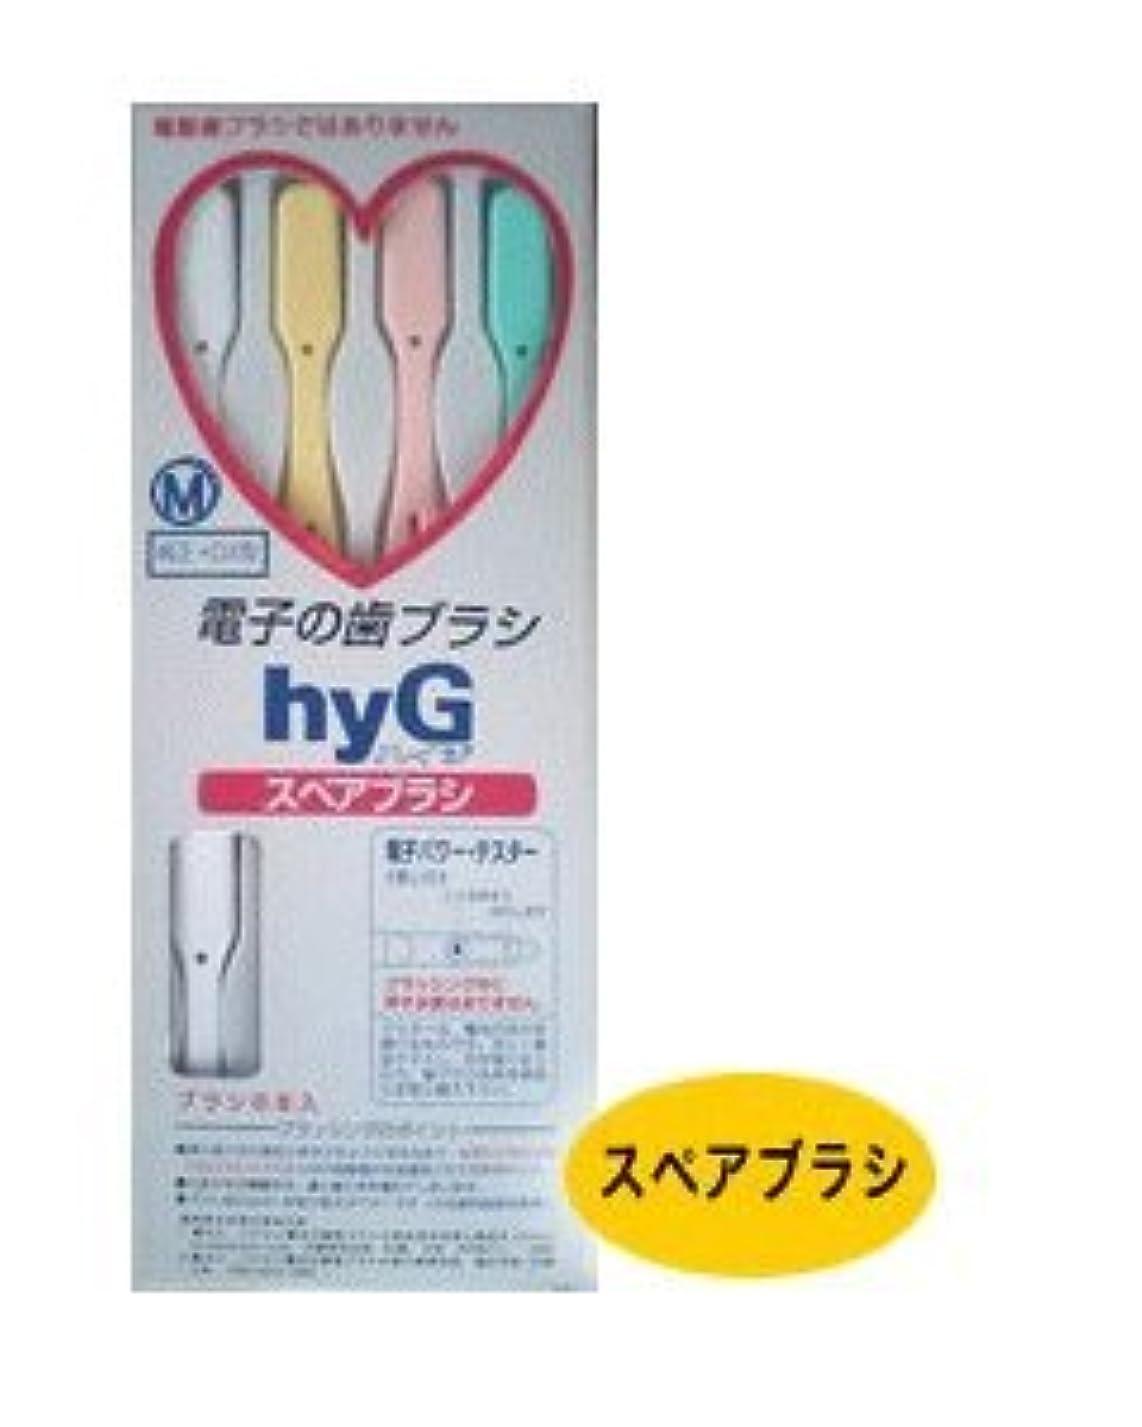 つかむうねる個人電子の歯ブラシ ハイジ(hyG) スペアブラシ M(ミディアム) 【純正?DX型】